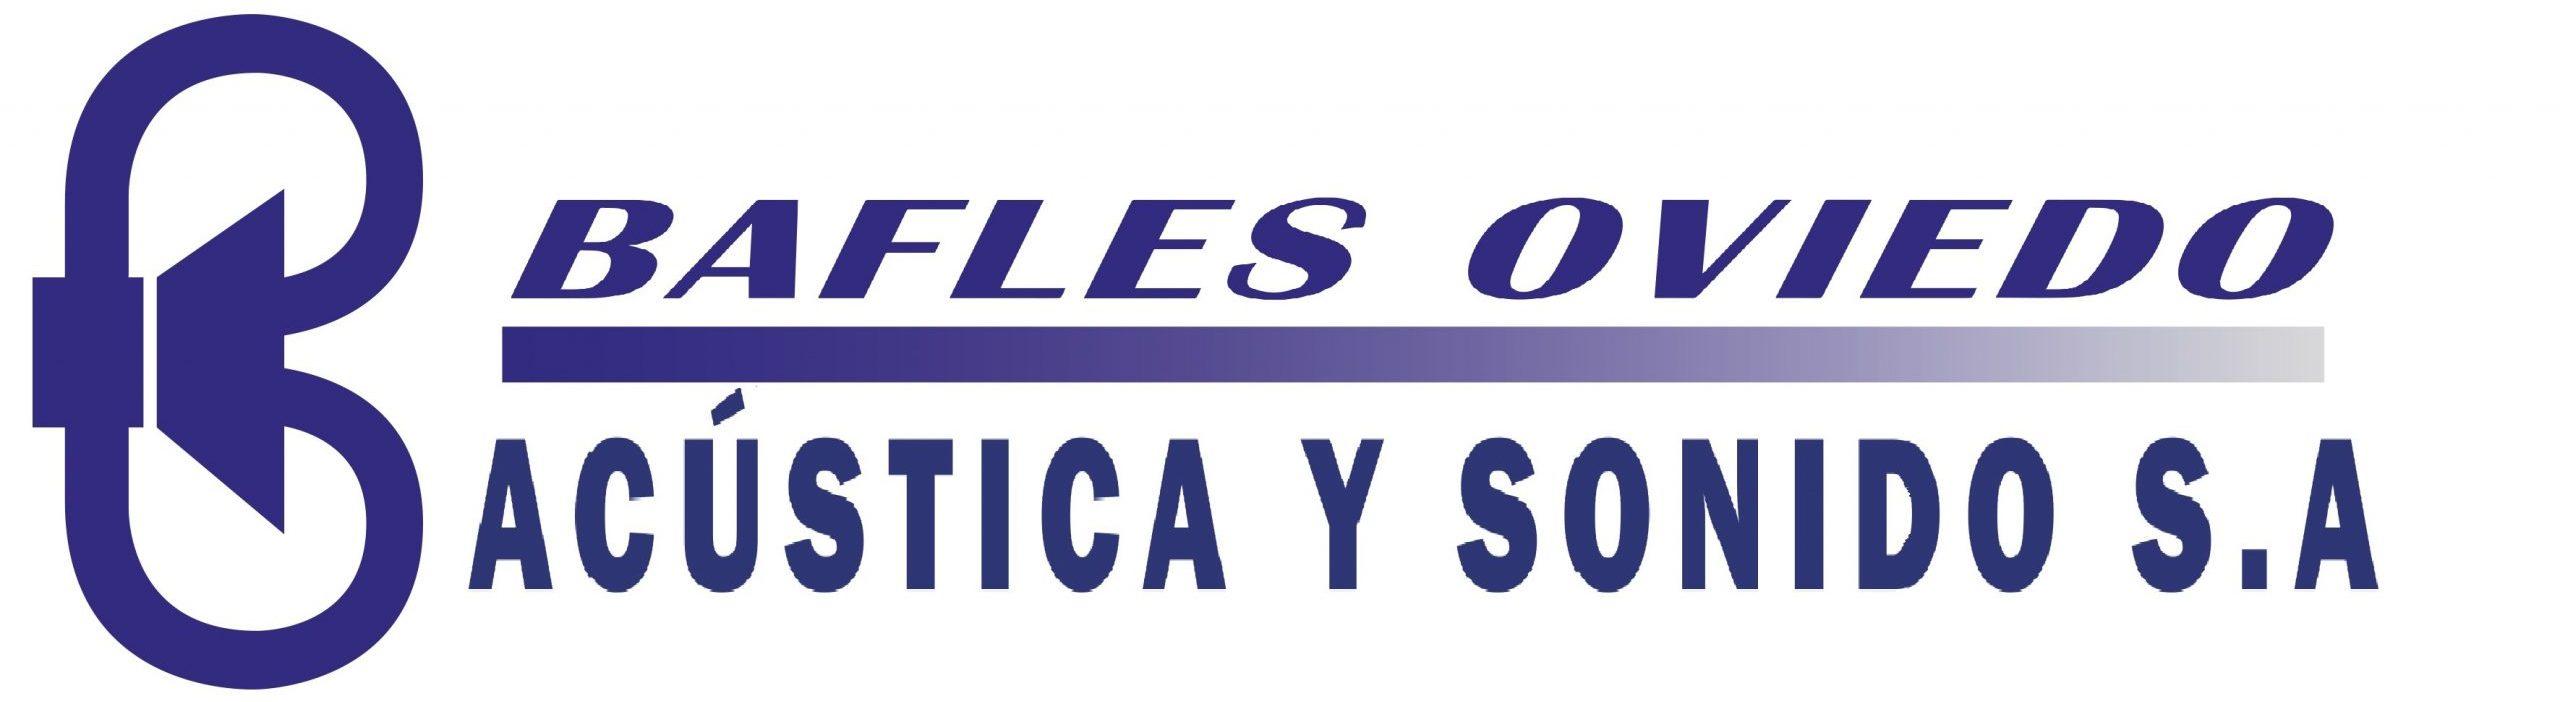 Acustica y Sonido SA